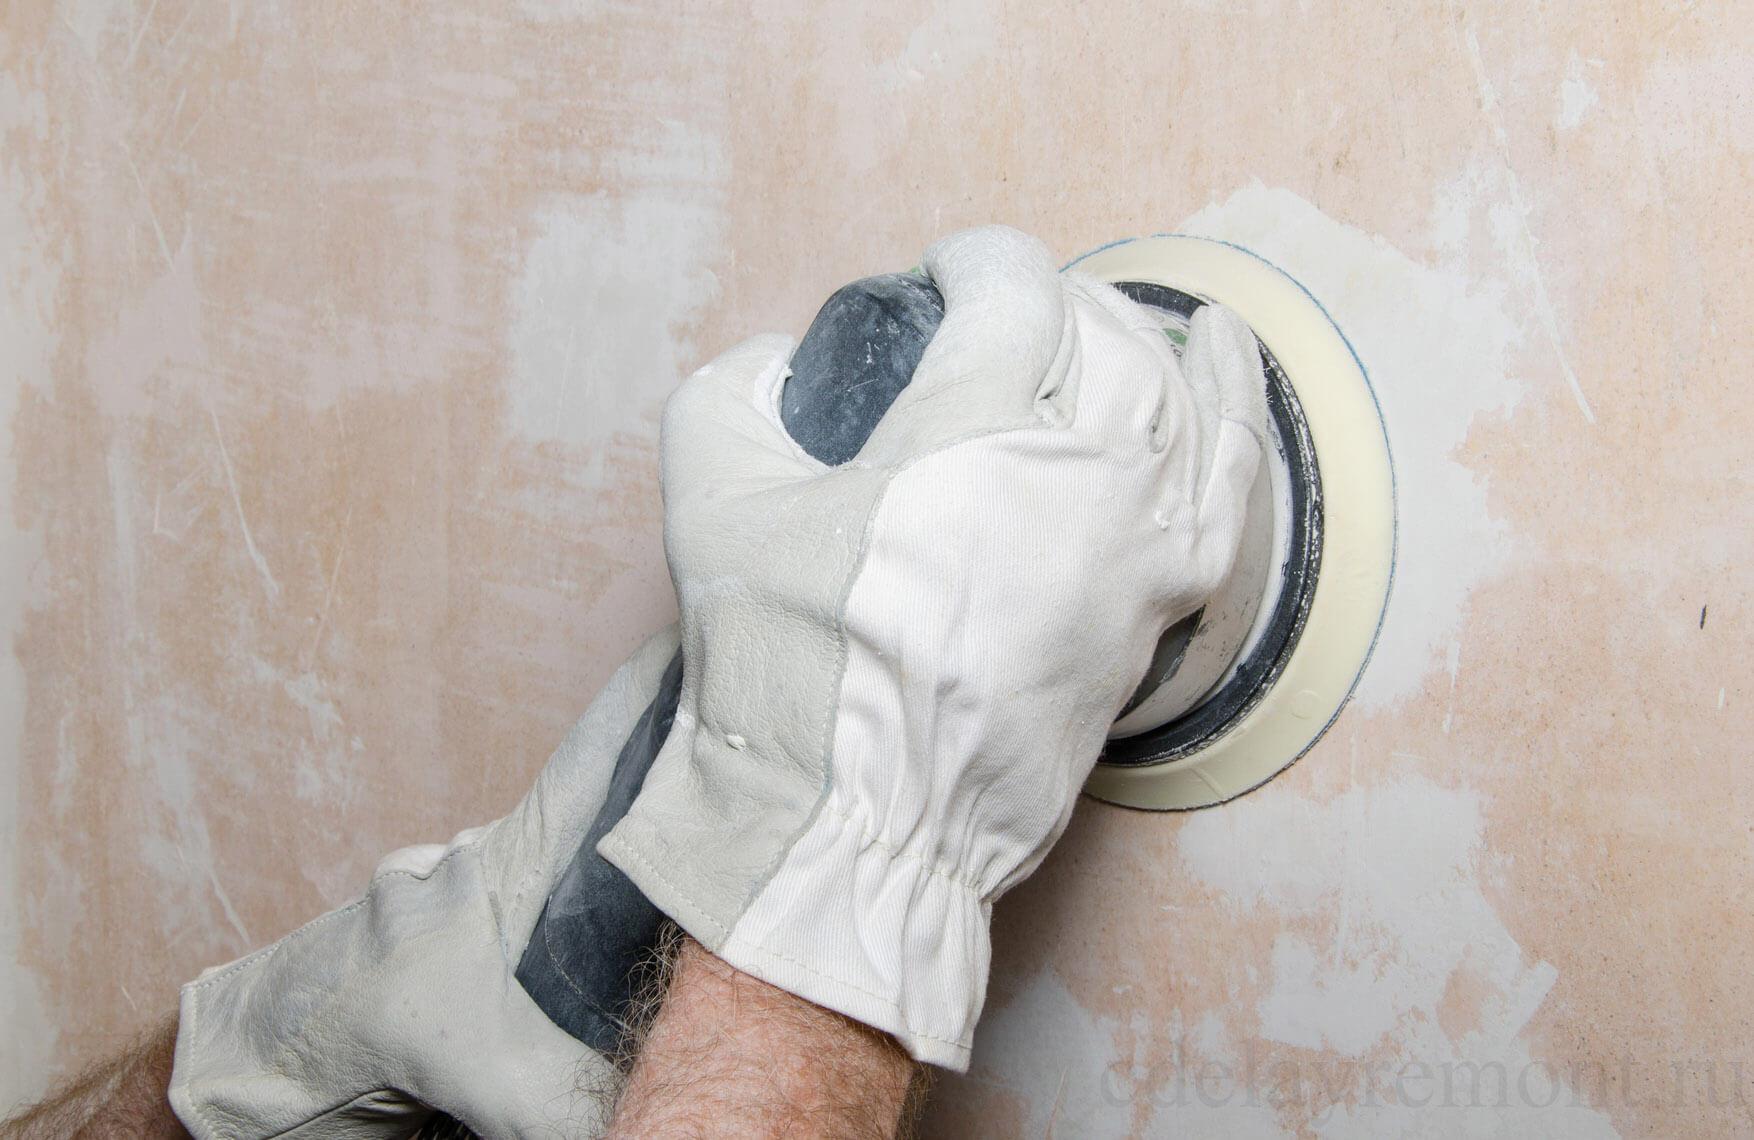 Шлифовка штукатурного покрытия